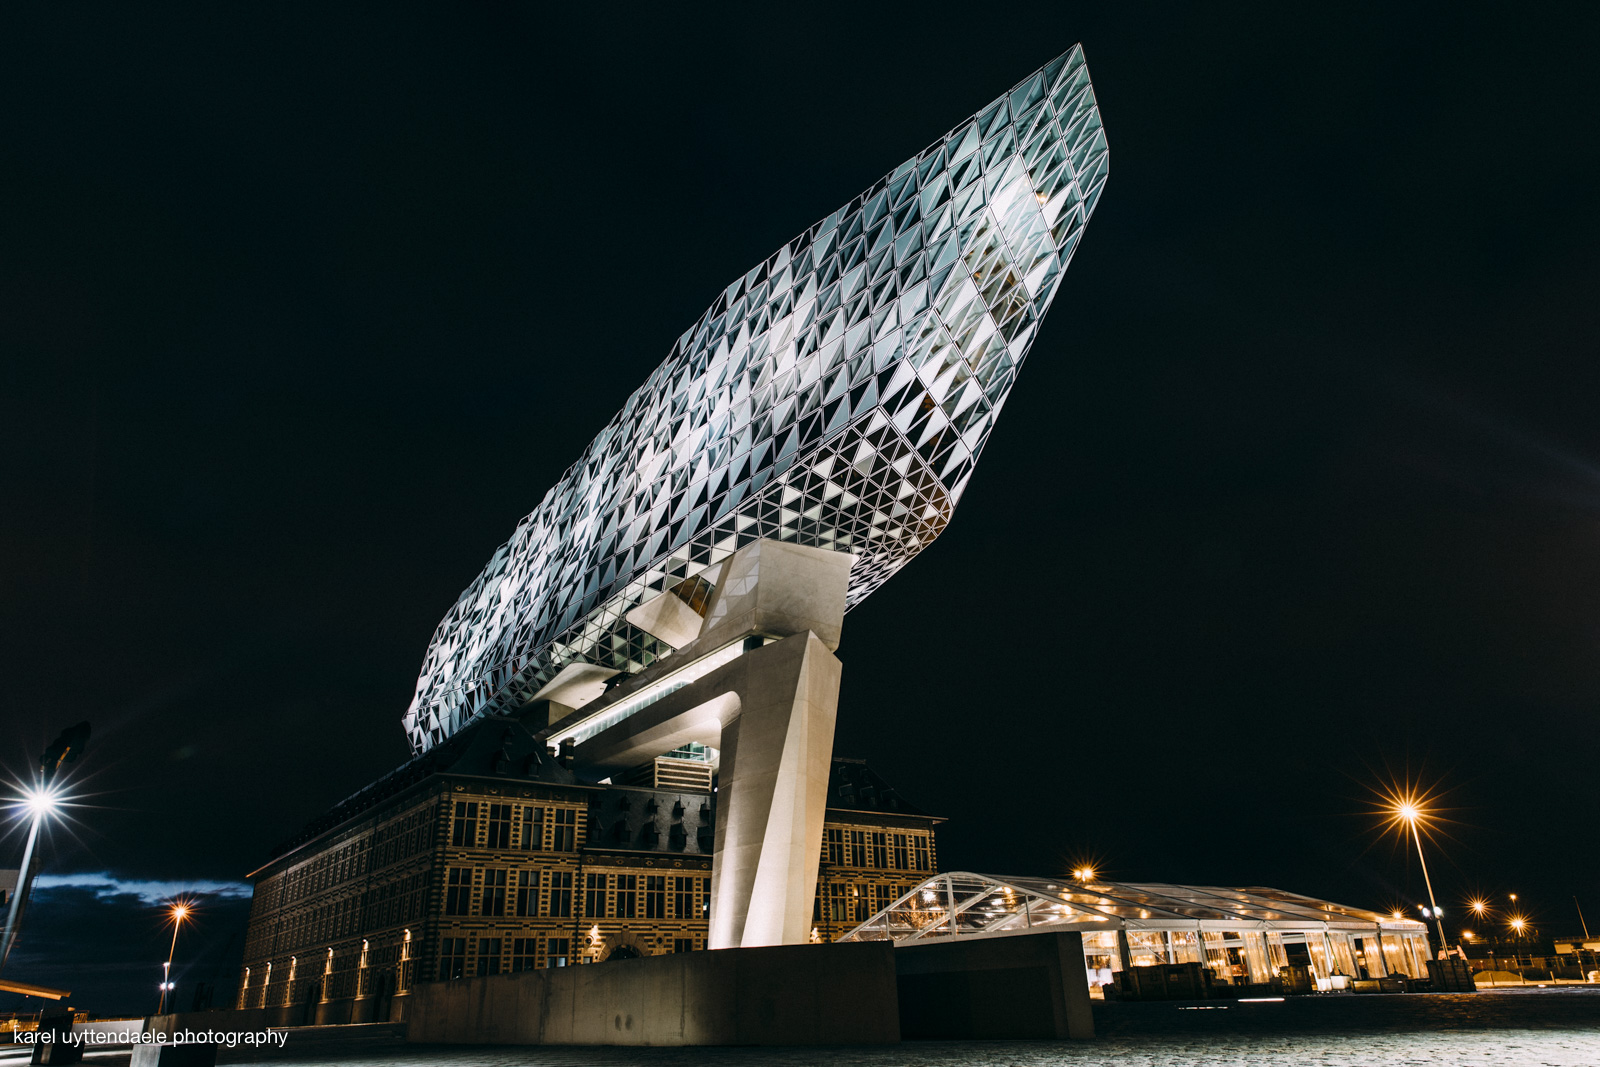 Havenhuis - Antwerp - June '18